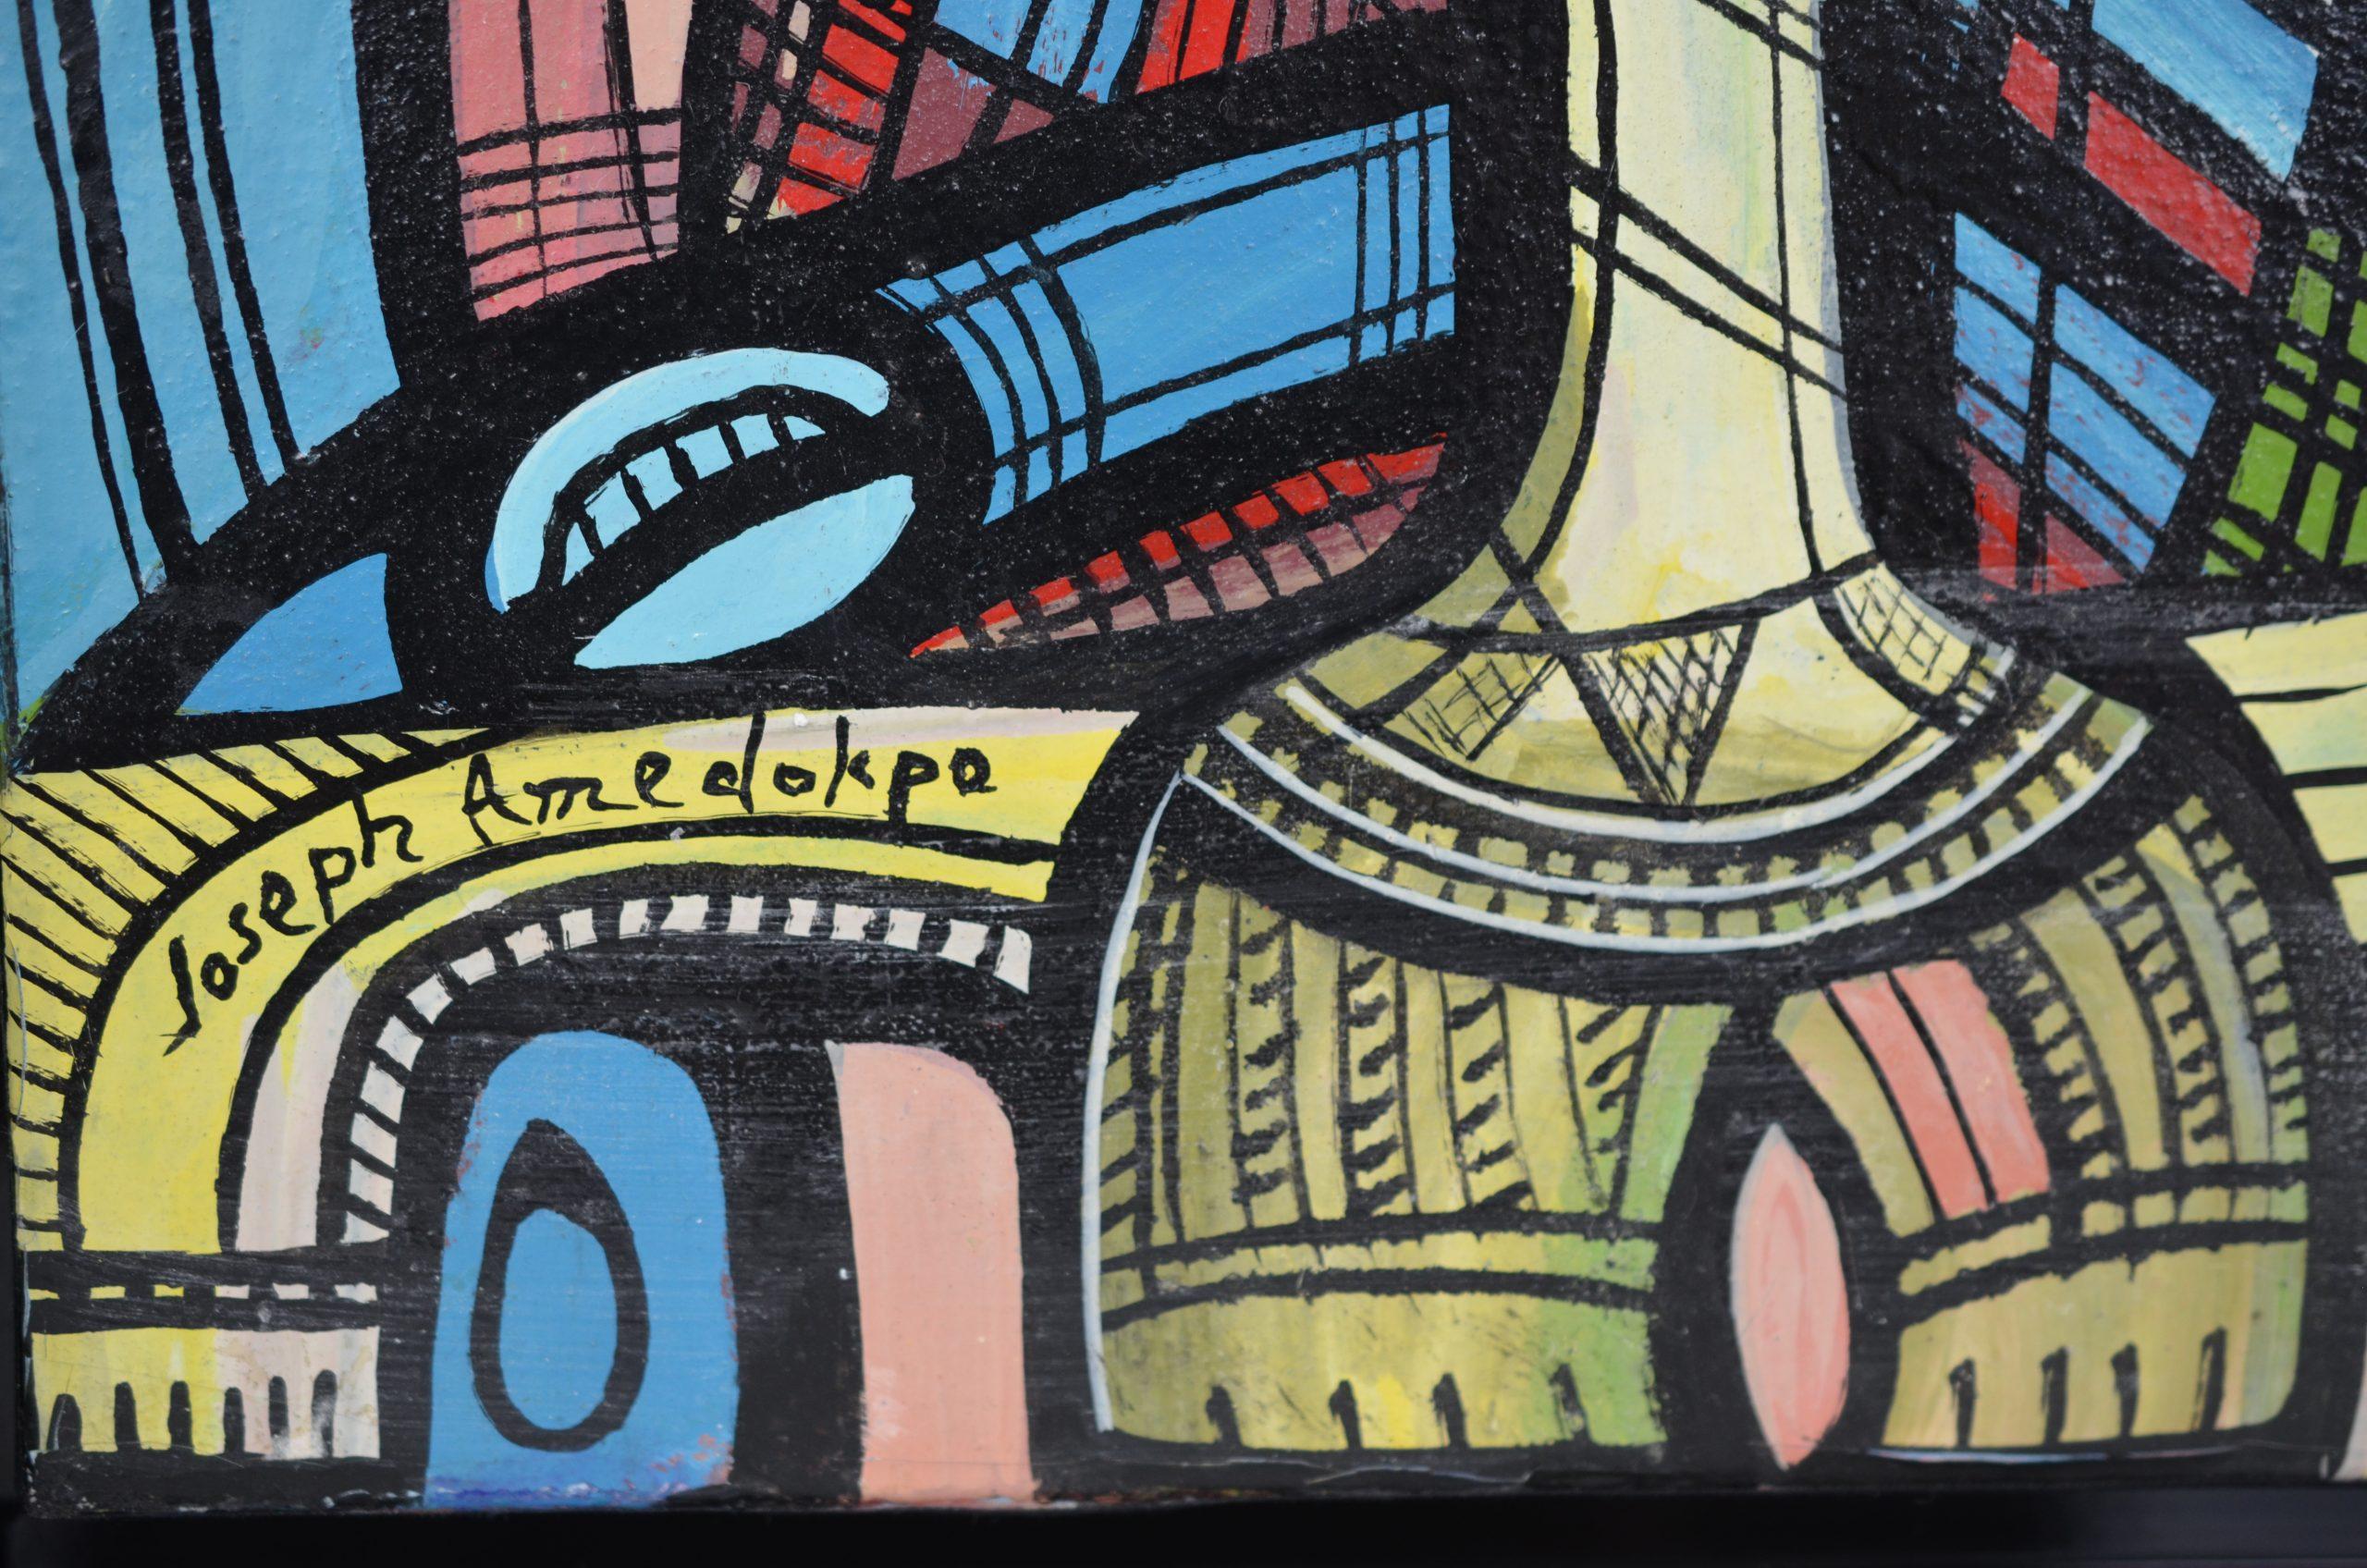 Amedopko tableau 7